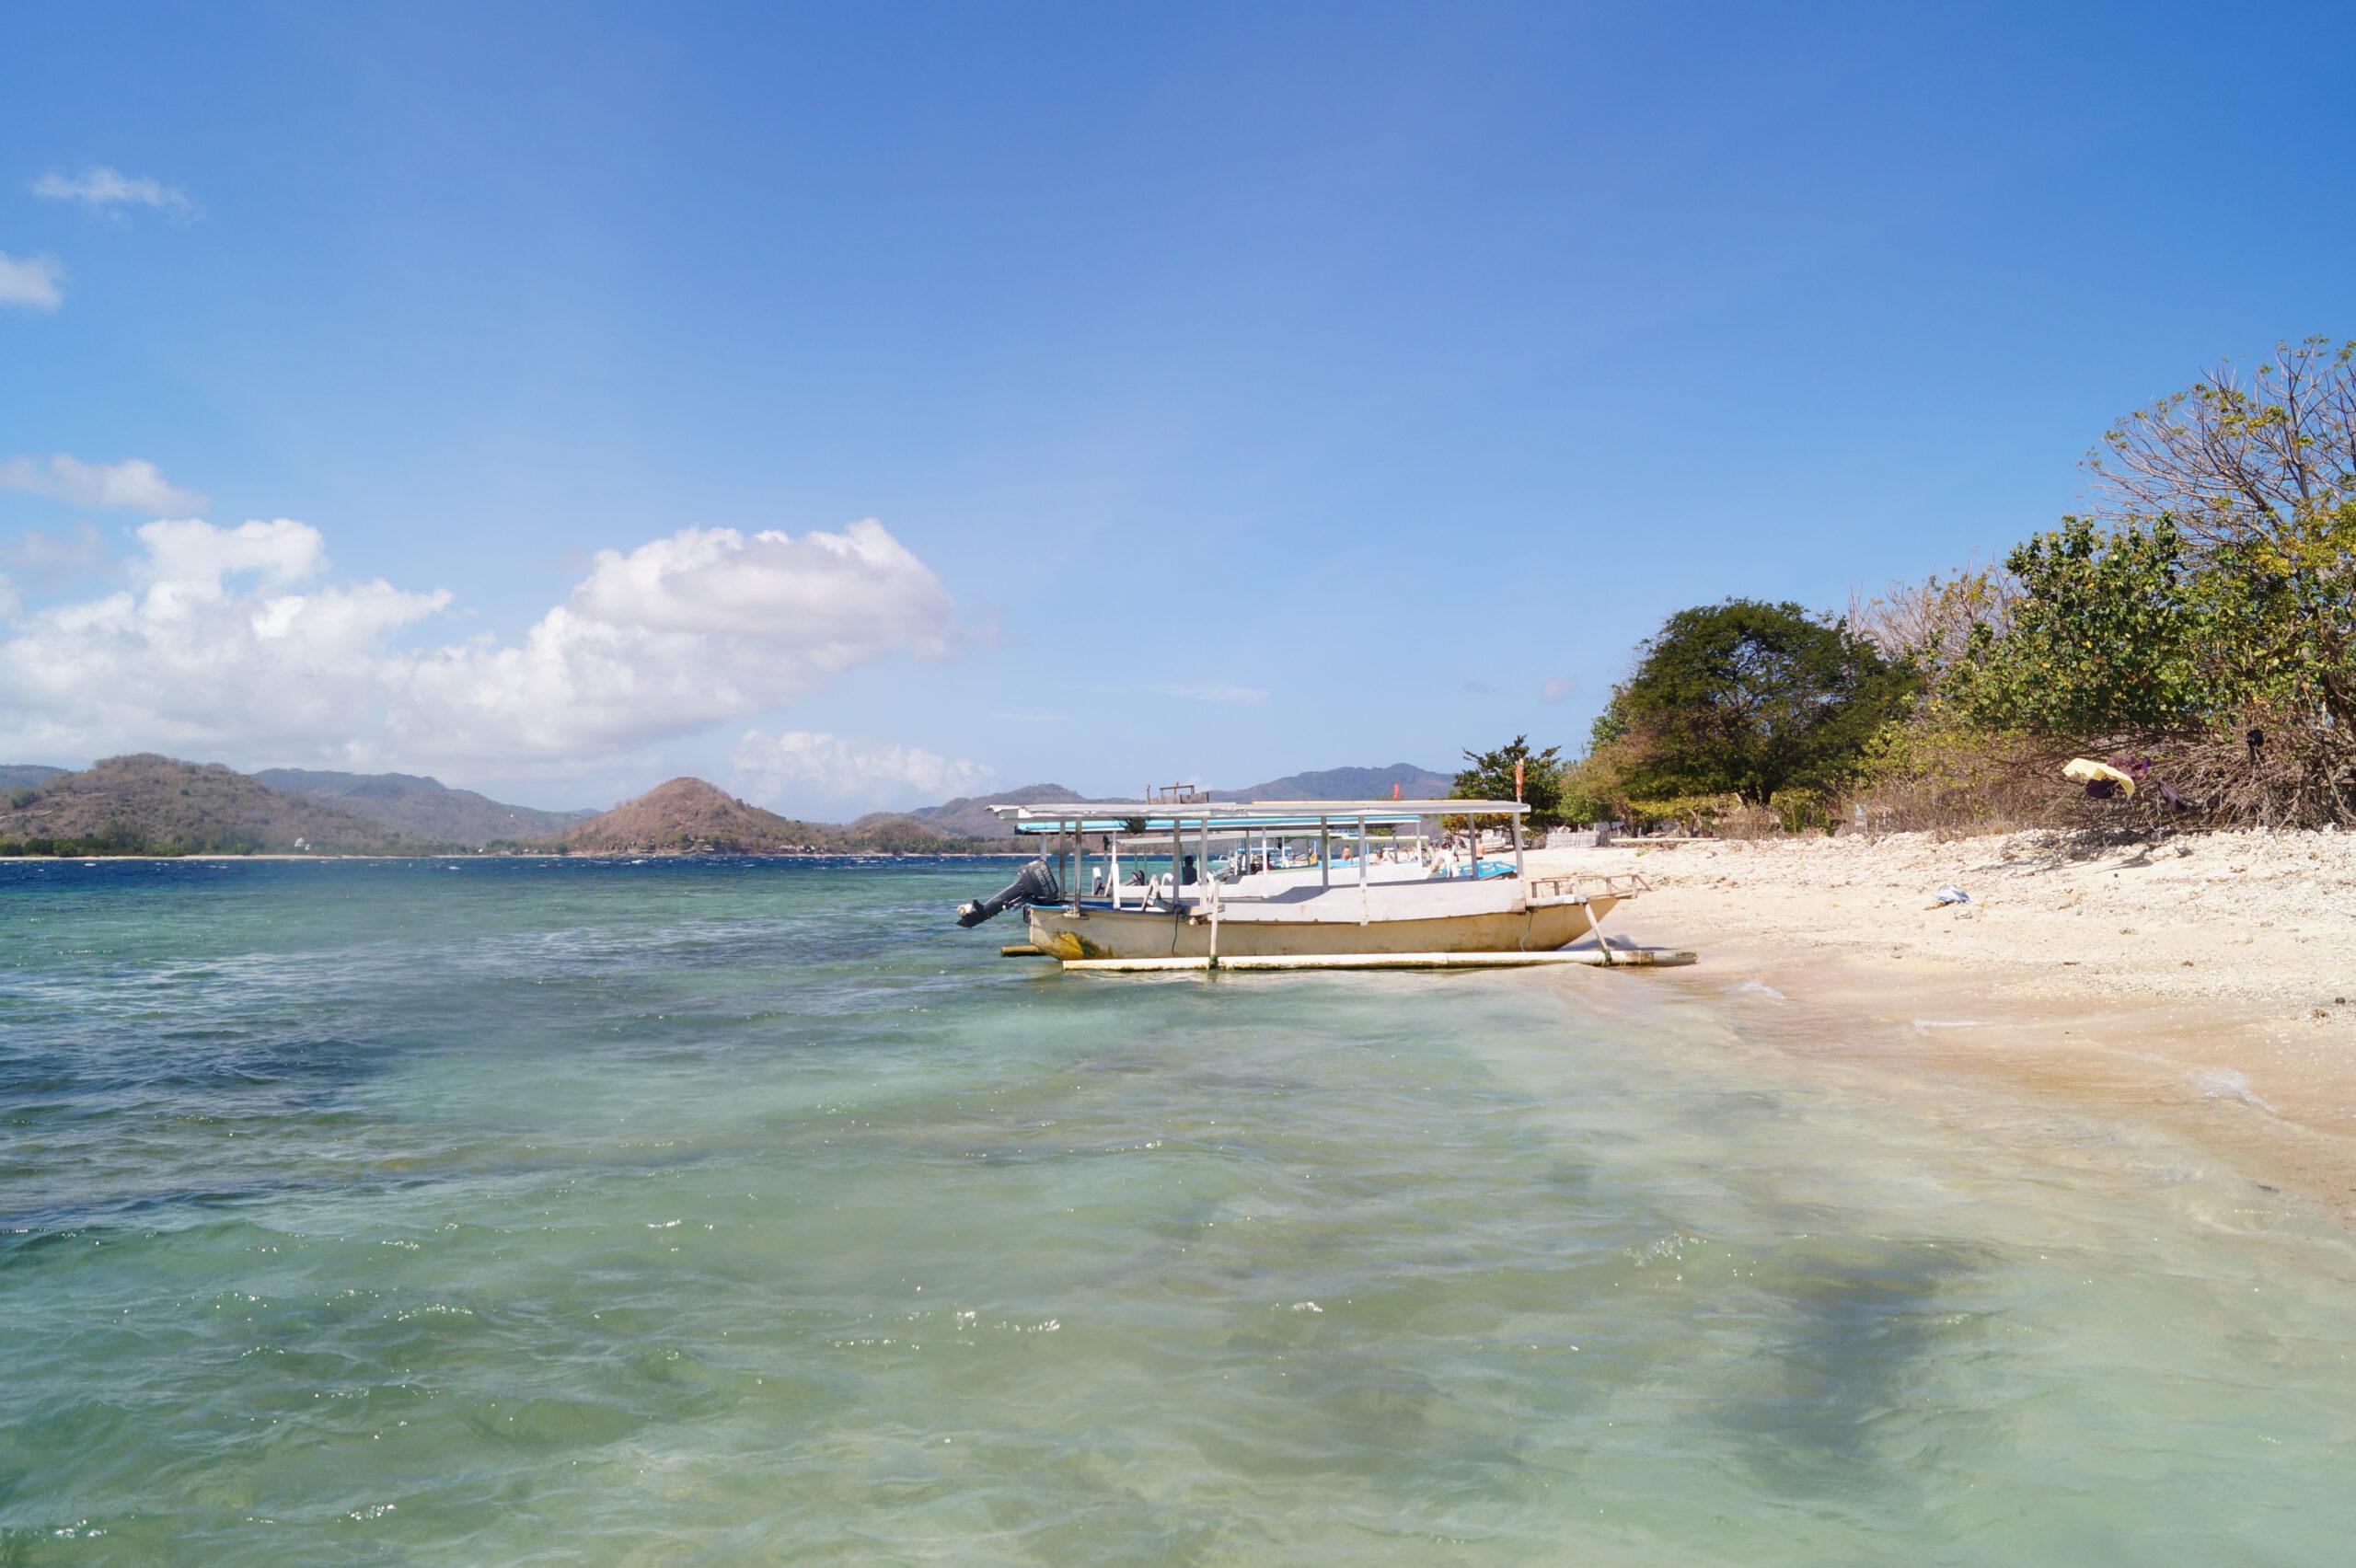 Las Gilis Secretas de Lombok Ruta por las islas de los alrededores scaled - Gili Gede and the Secret Gilis of Lombok, an undiscovered paradise